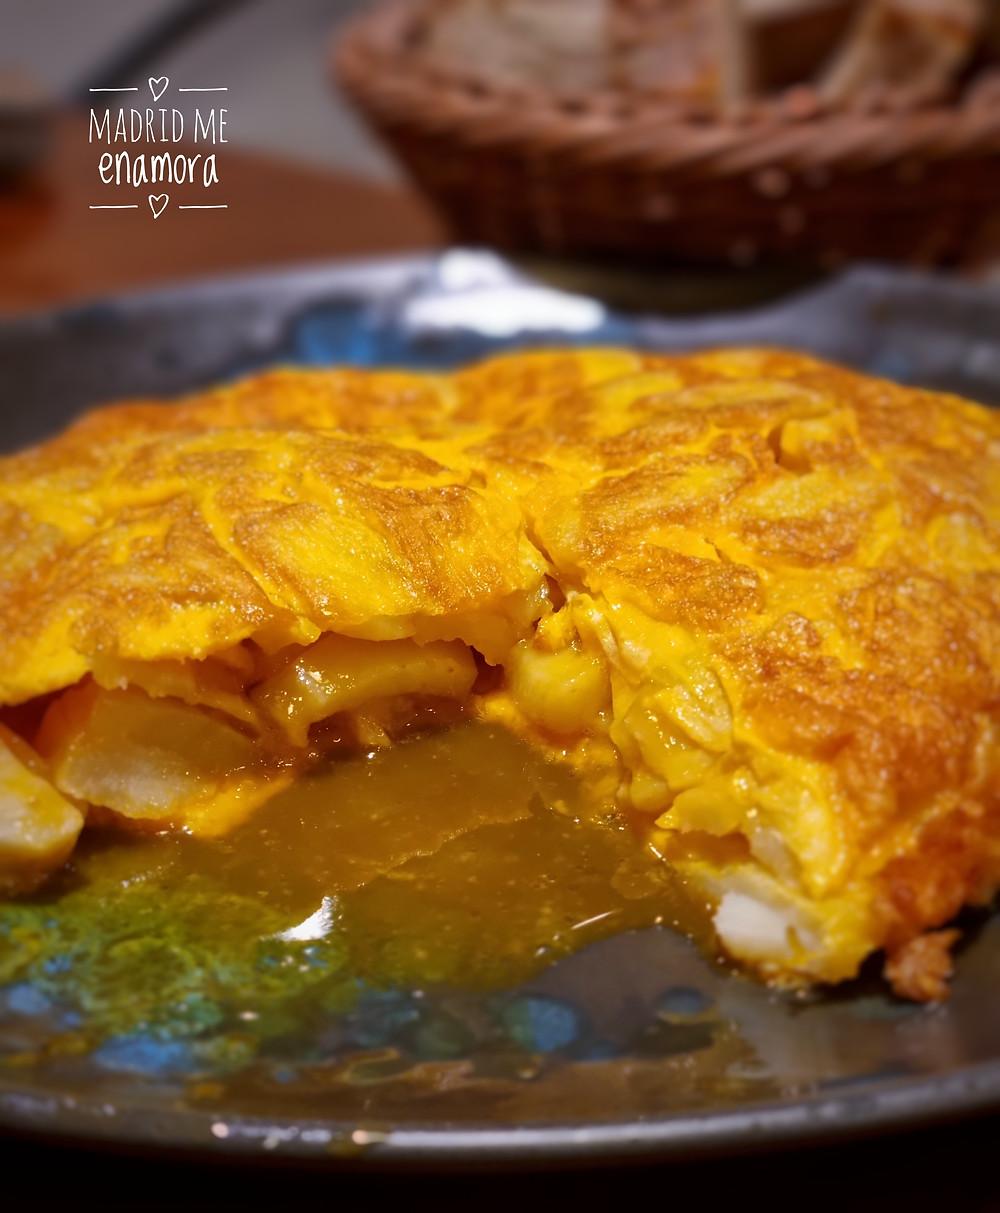 La Tortilla al estilo de Betanzos de Volandeira está deliciosa.